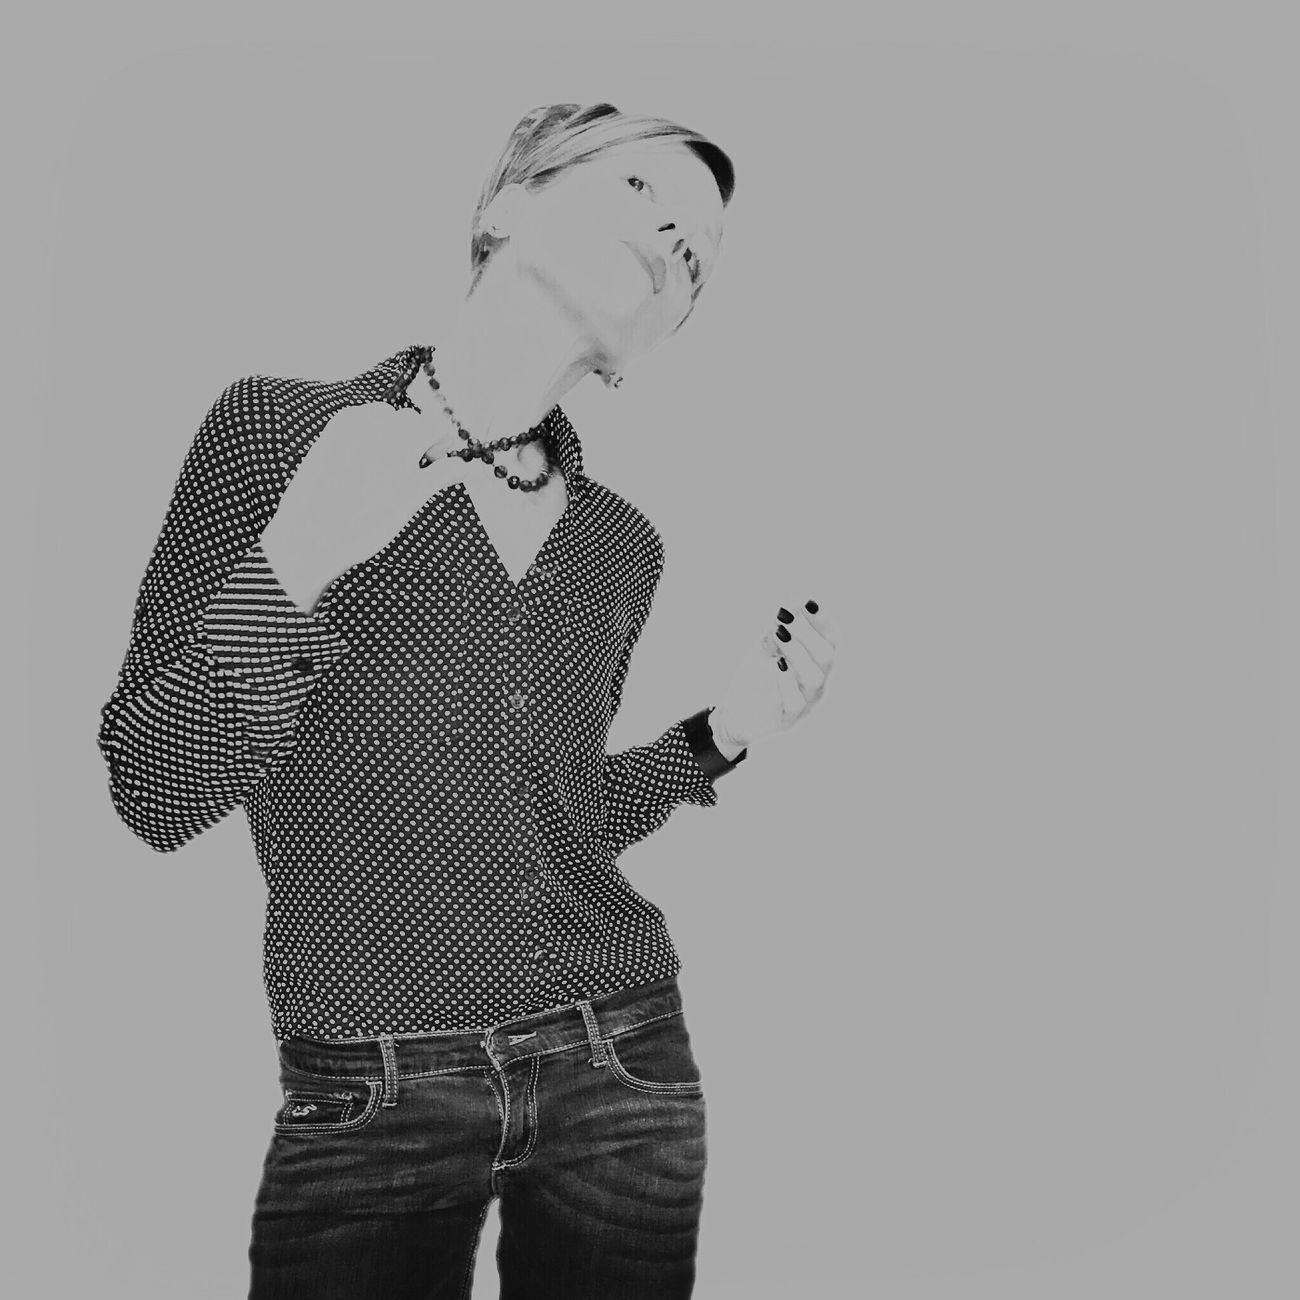 Selfies Selfie✌ Self Portrait Selfie ✌ Selfportrait Selfie Blackandwhite Black & White Black And White